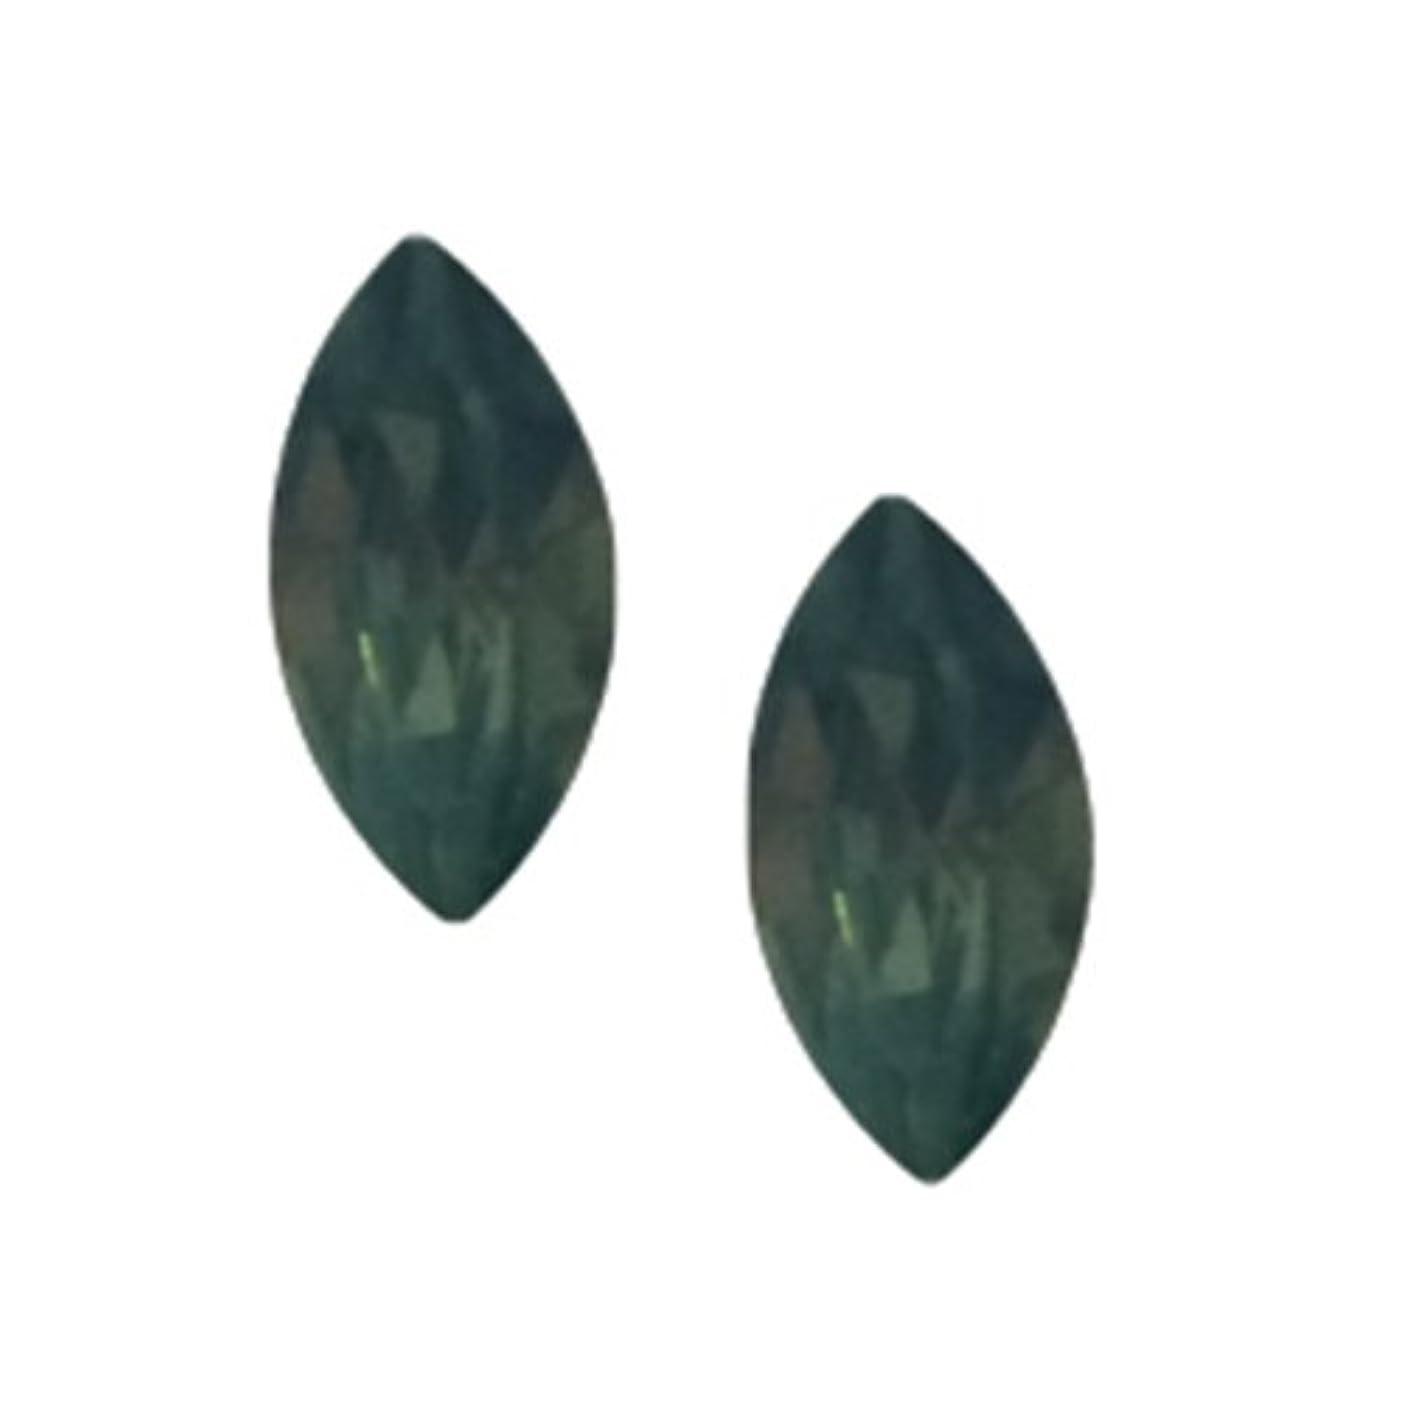 POSH ART ネイルパーツ馬眼型 3*6mm 10P グリーンオパール